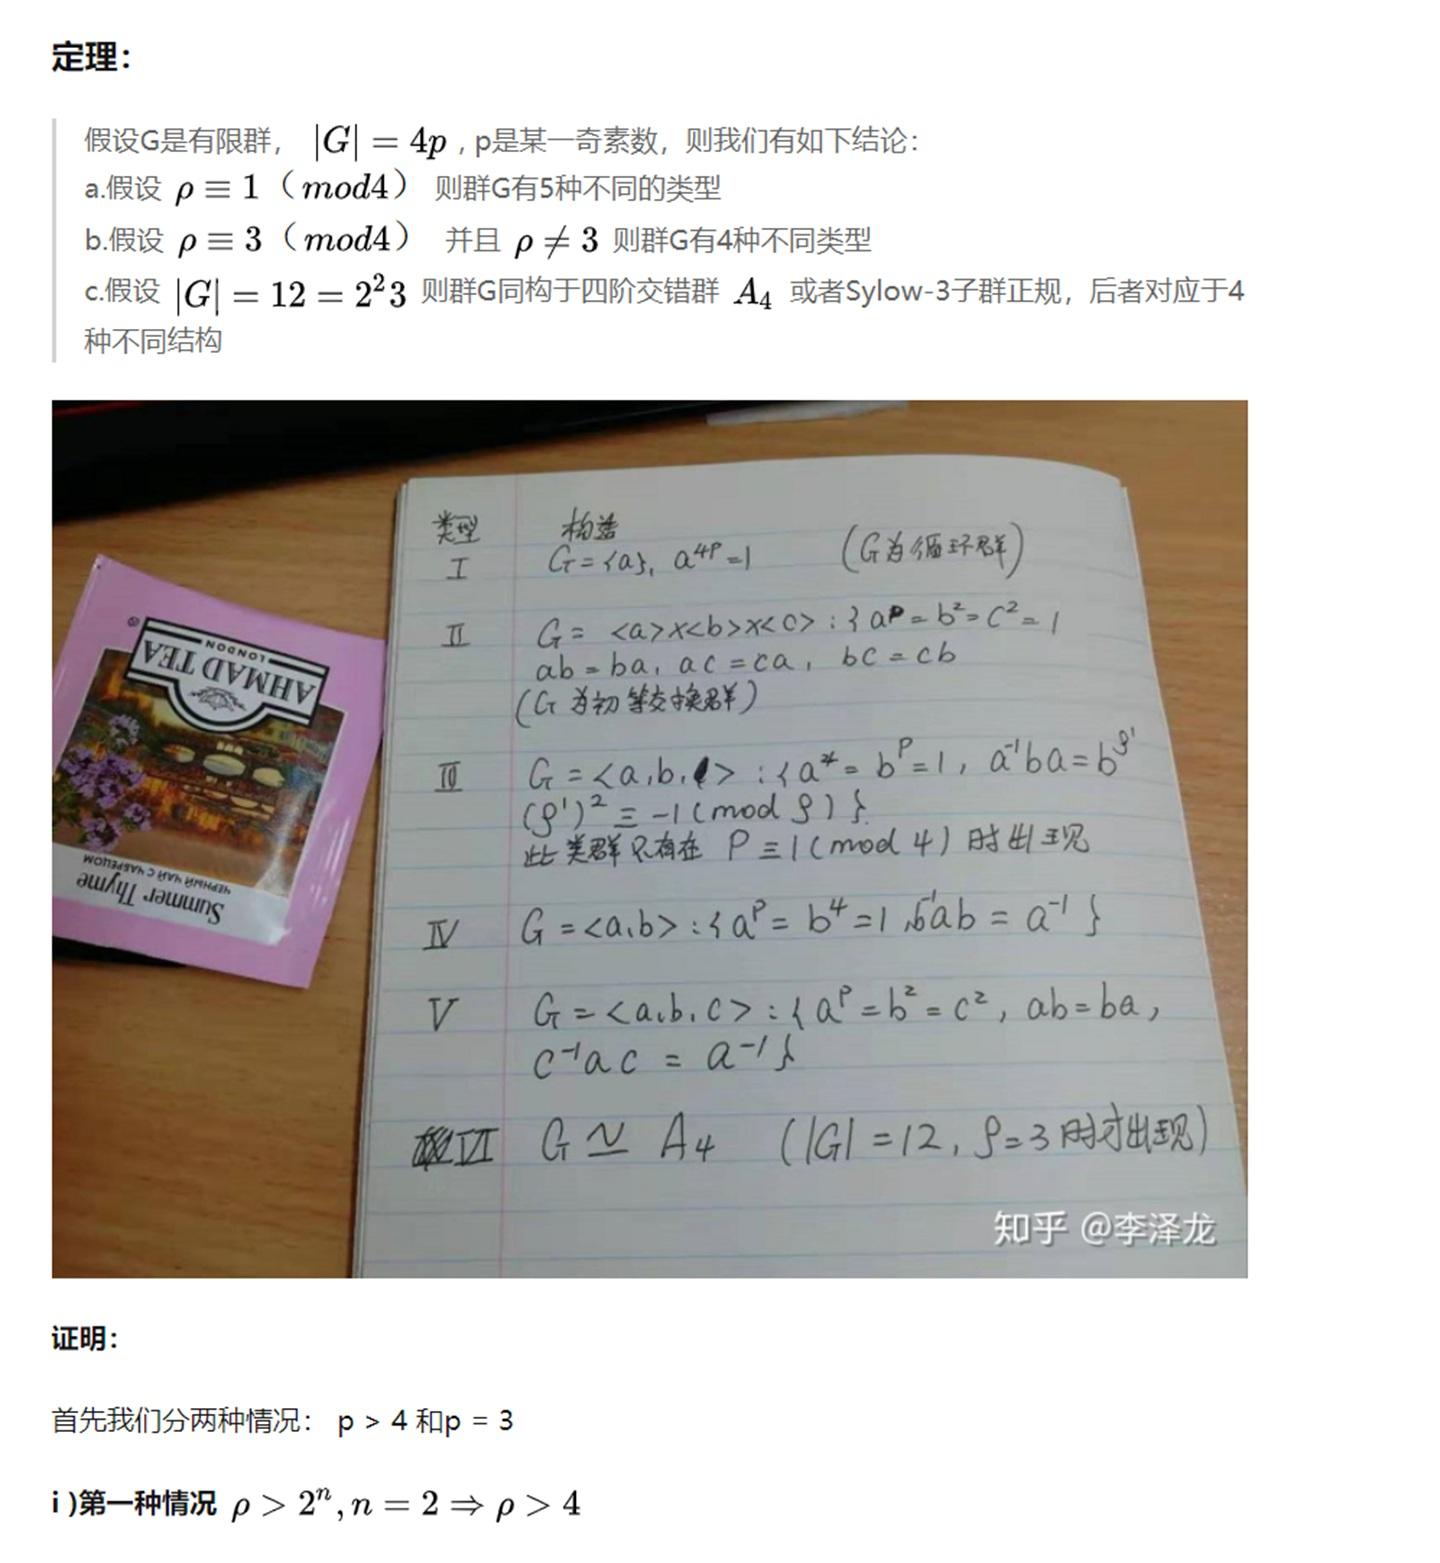 俄罗斯留学就读数学专业有多难?本科需要学多少东西?插图9-小狮座俄罗斯留学